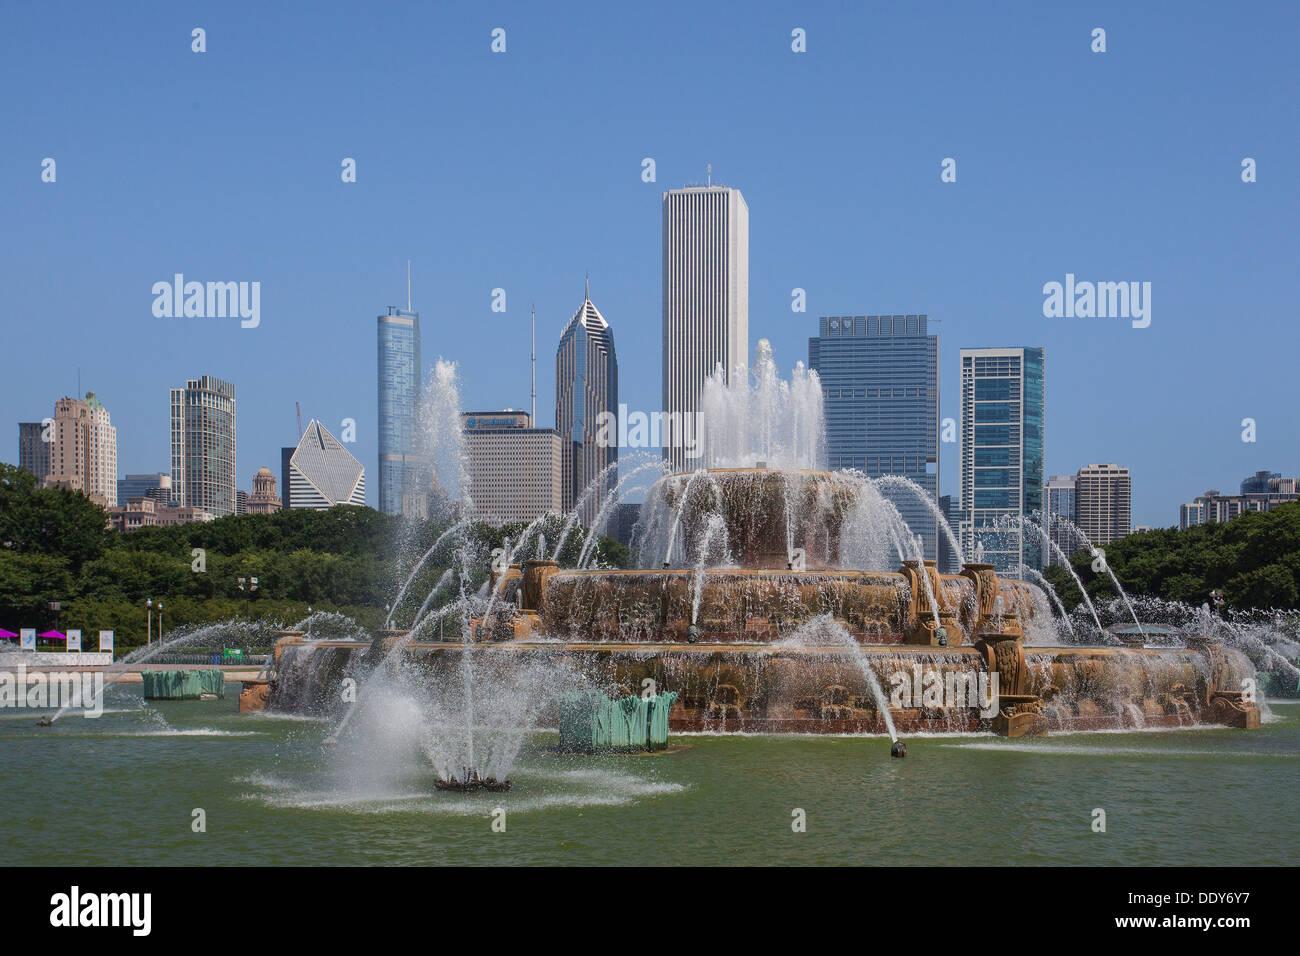 Célèbre fontaine de Buckingham dans Grant Park, Chicago, USA Photo Stock